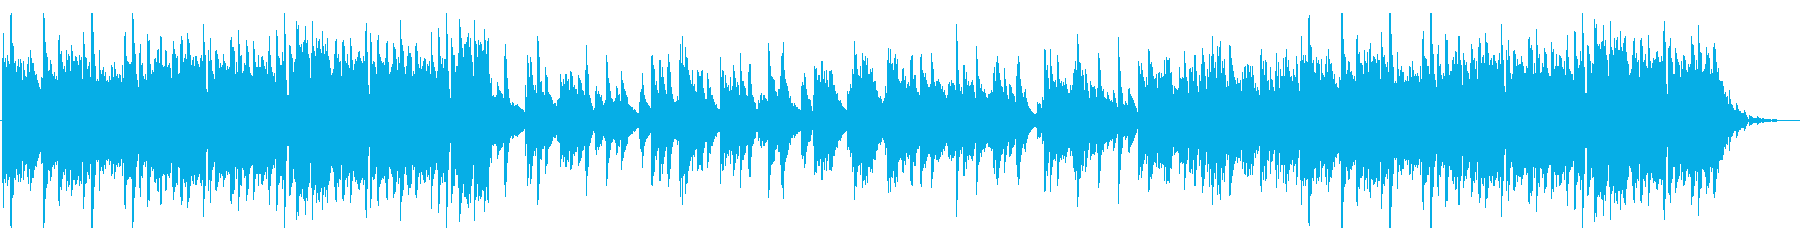 エモいピアノソロ!の再生済みの波形